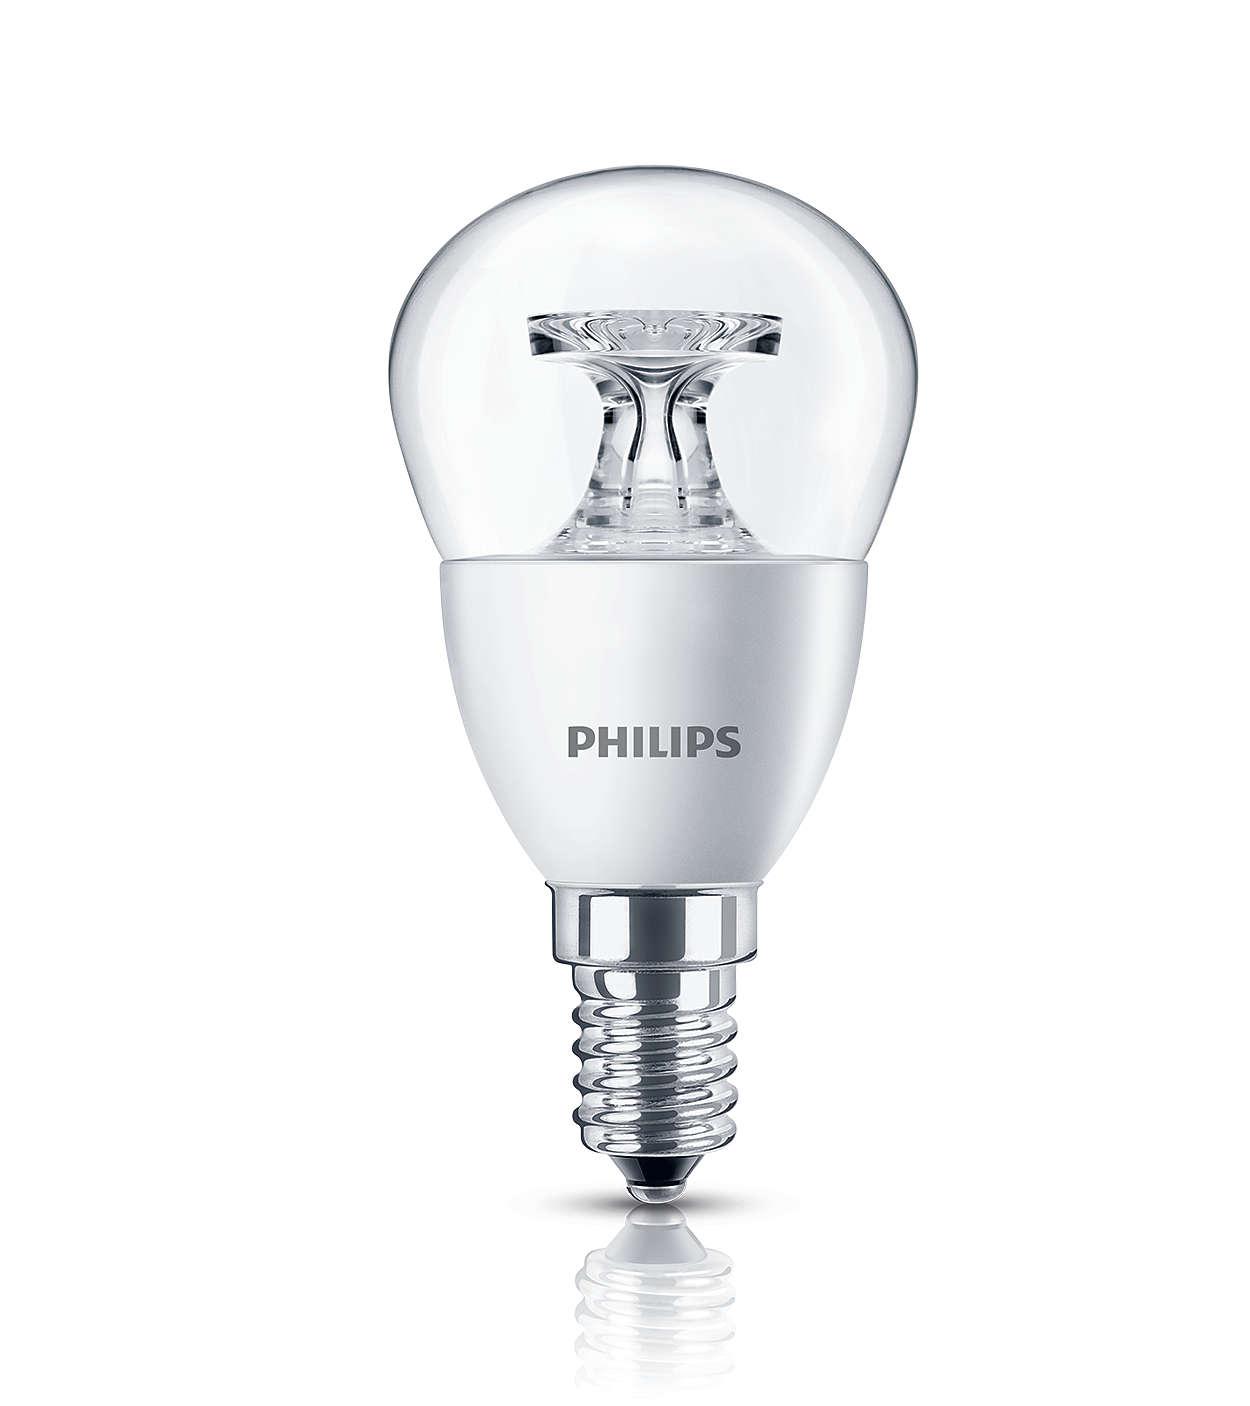 แสงไฟ LED คมชัดเจิดจ้า เพิ่มความสะดวกสบายให้แก่บ้านของคุณ